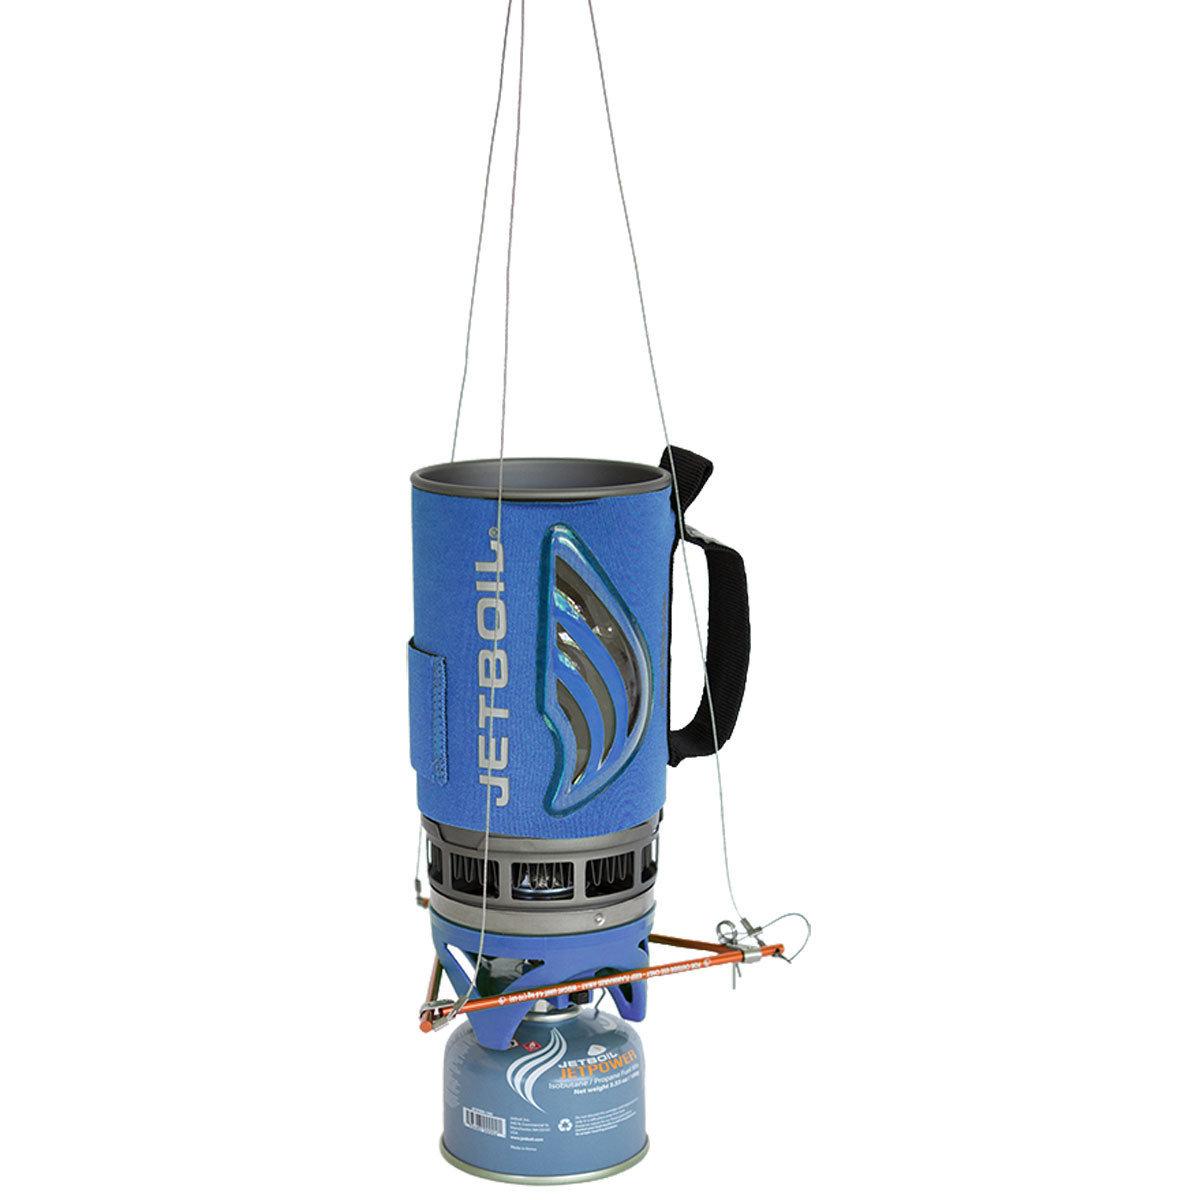 Jet Boil Stove Hanging Kit